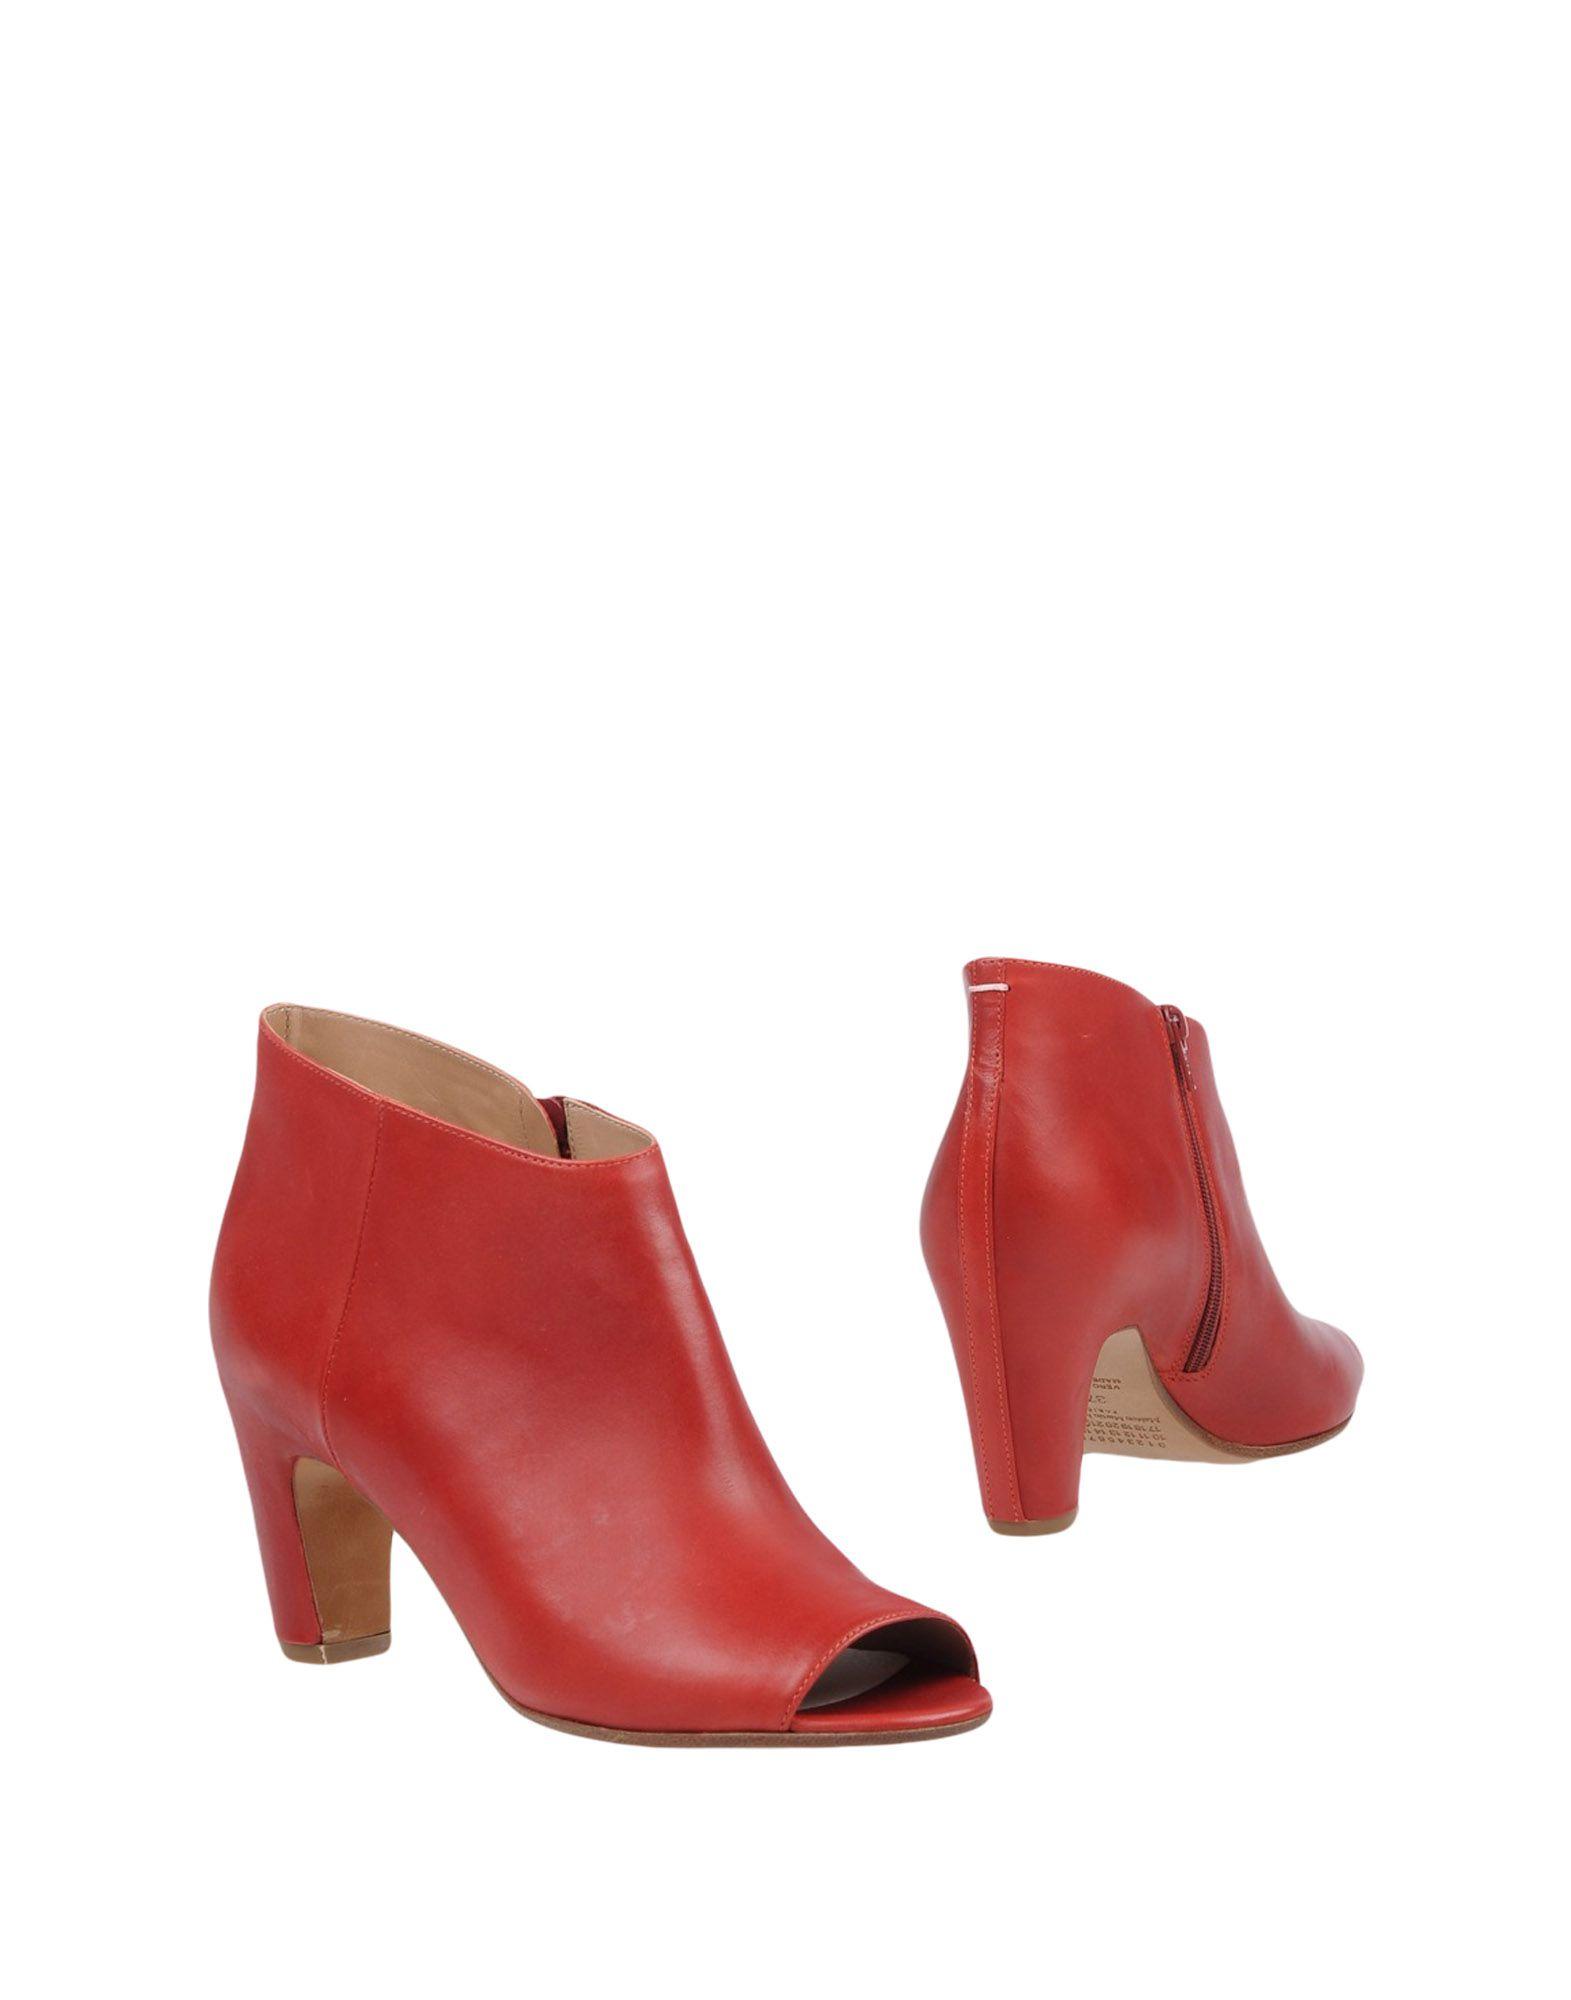 Maison Margiela Stiefelette Damen  11354617UTGut aussehende strapazierfähige Schuhe